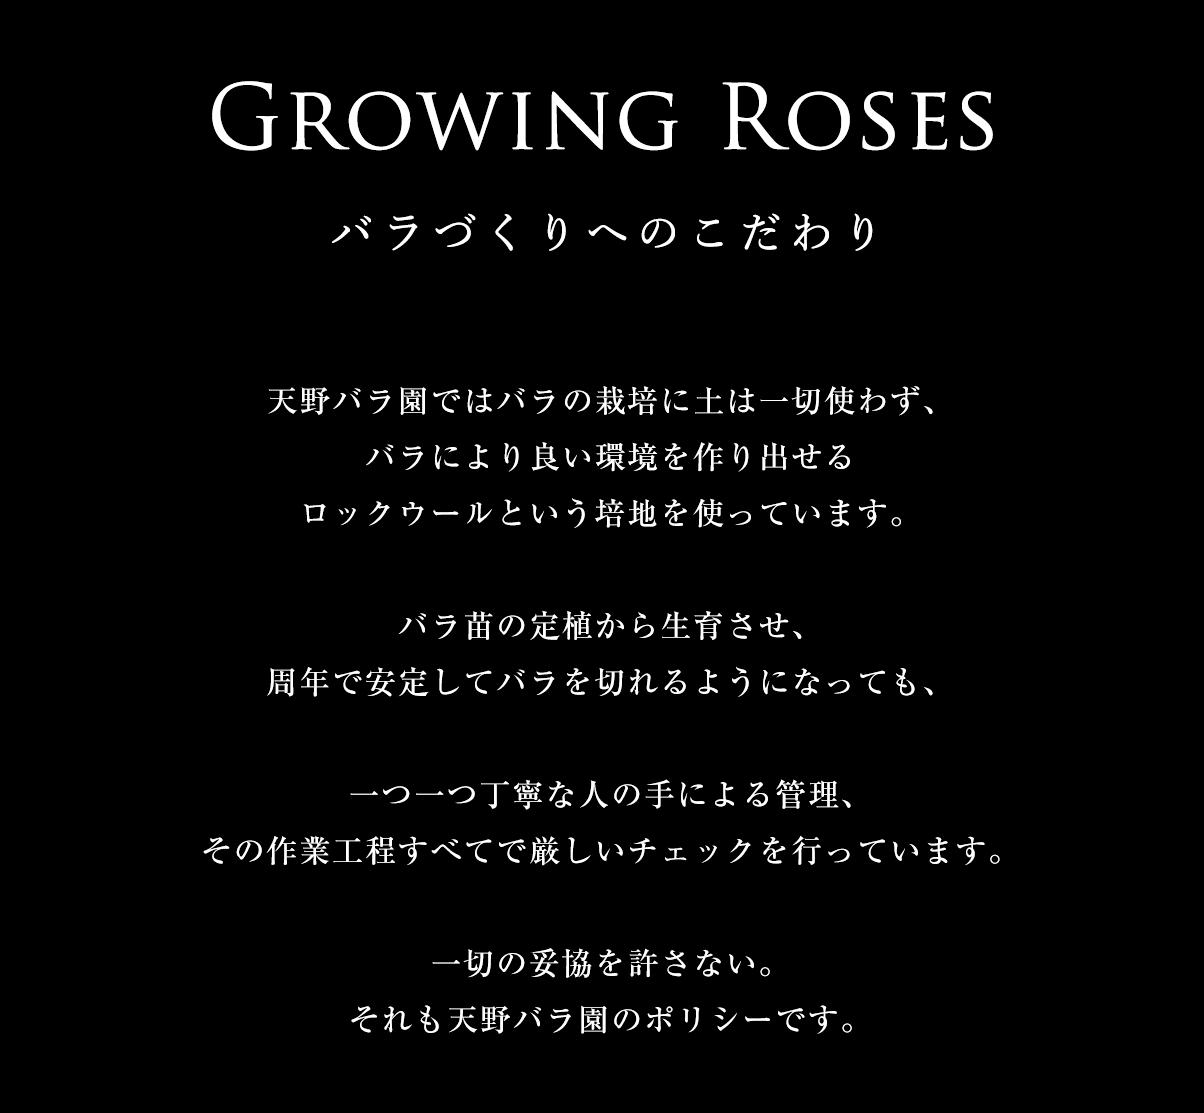 バラづくりへのこだわり/妥協を排除したらこうなりました。天野バラ園ではバラの栽培に土は一切使わず、バラにより良い環境を作り出せるロックウールという培地を使っています。バラ苗の定植から生育させ、周年で安定してバラを切れるようになっても、一つ一つ丁寧な人の手による管理、その作業工程すべてで厳しいチェックを行っています。一切の妥協を許さない。それも天野バラ園のポリシーです